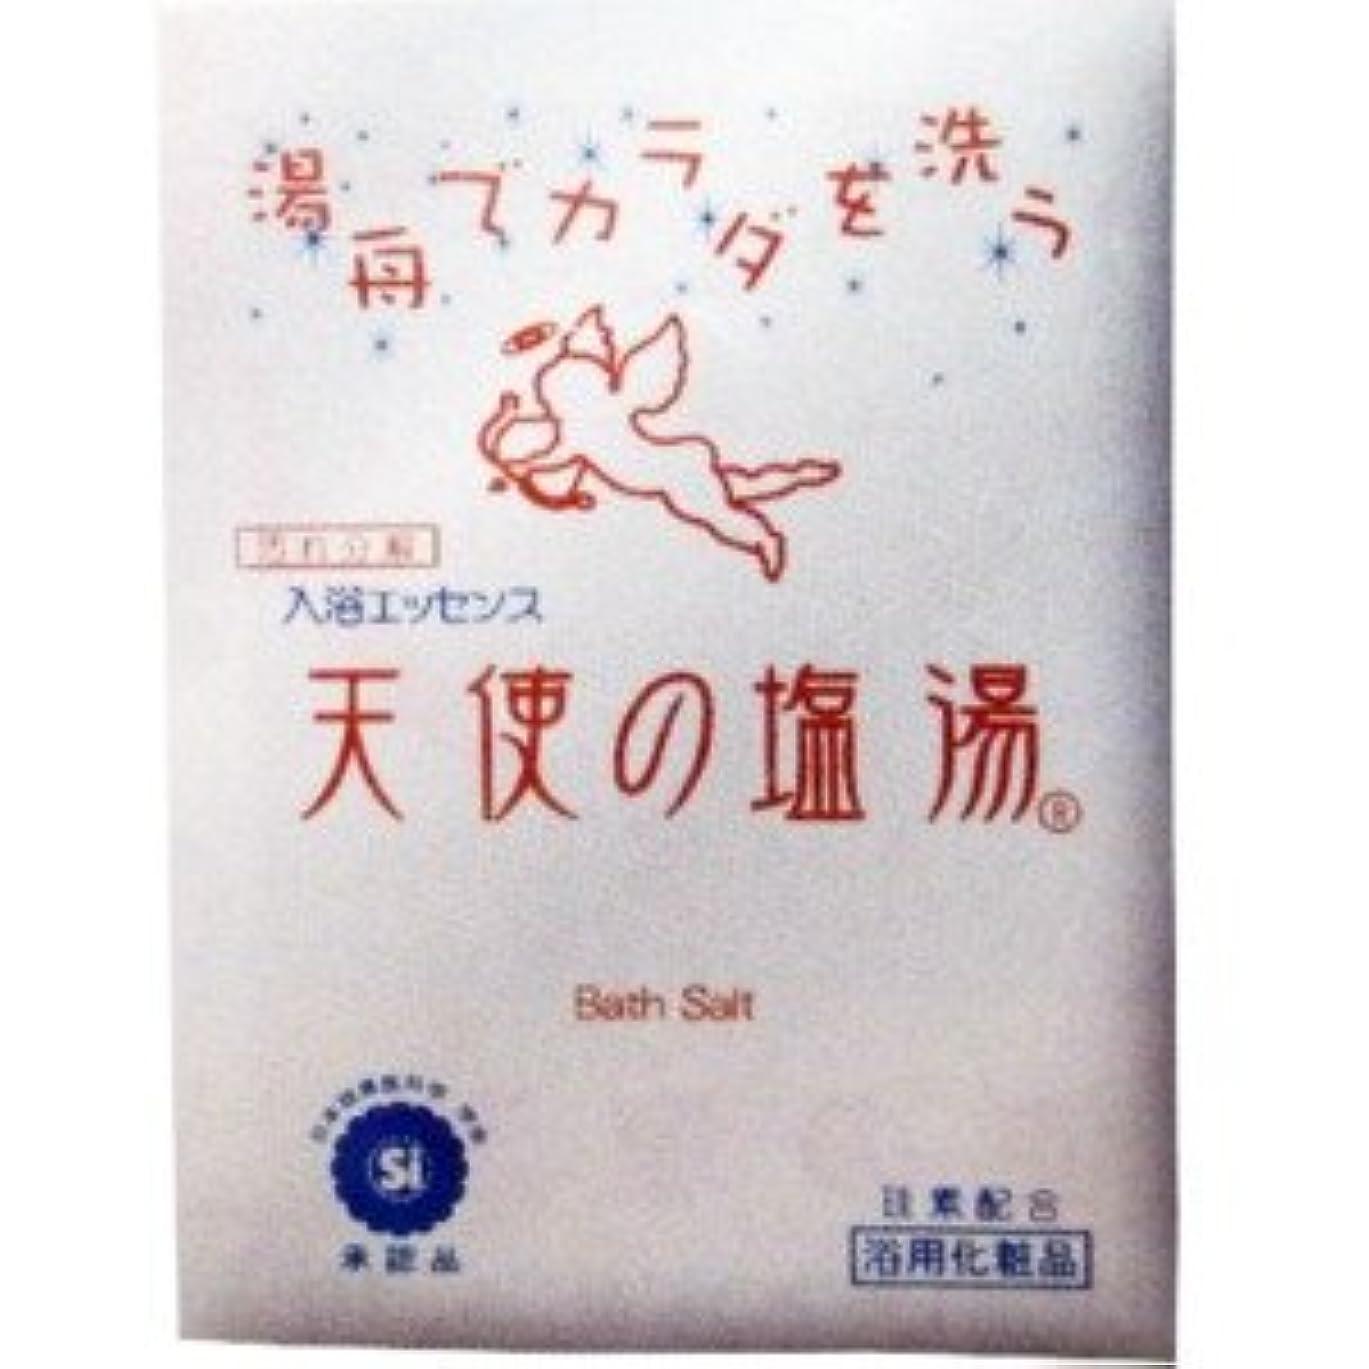 床を掃除するグローブ締める【日本製】入浴エッセンス天使の塩湯